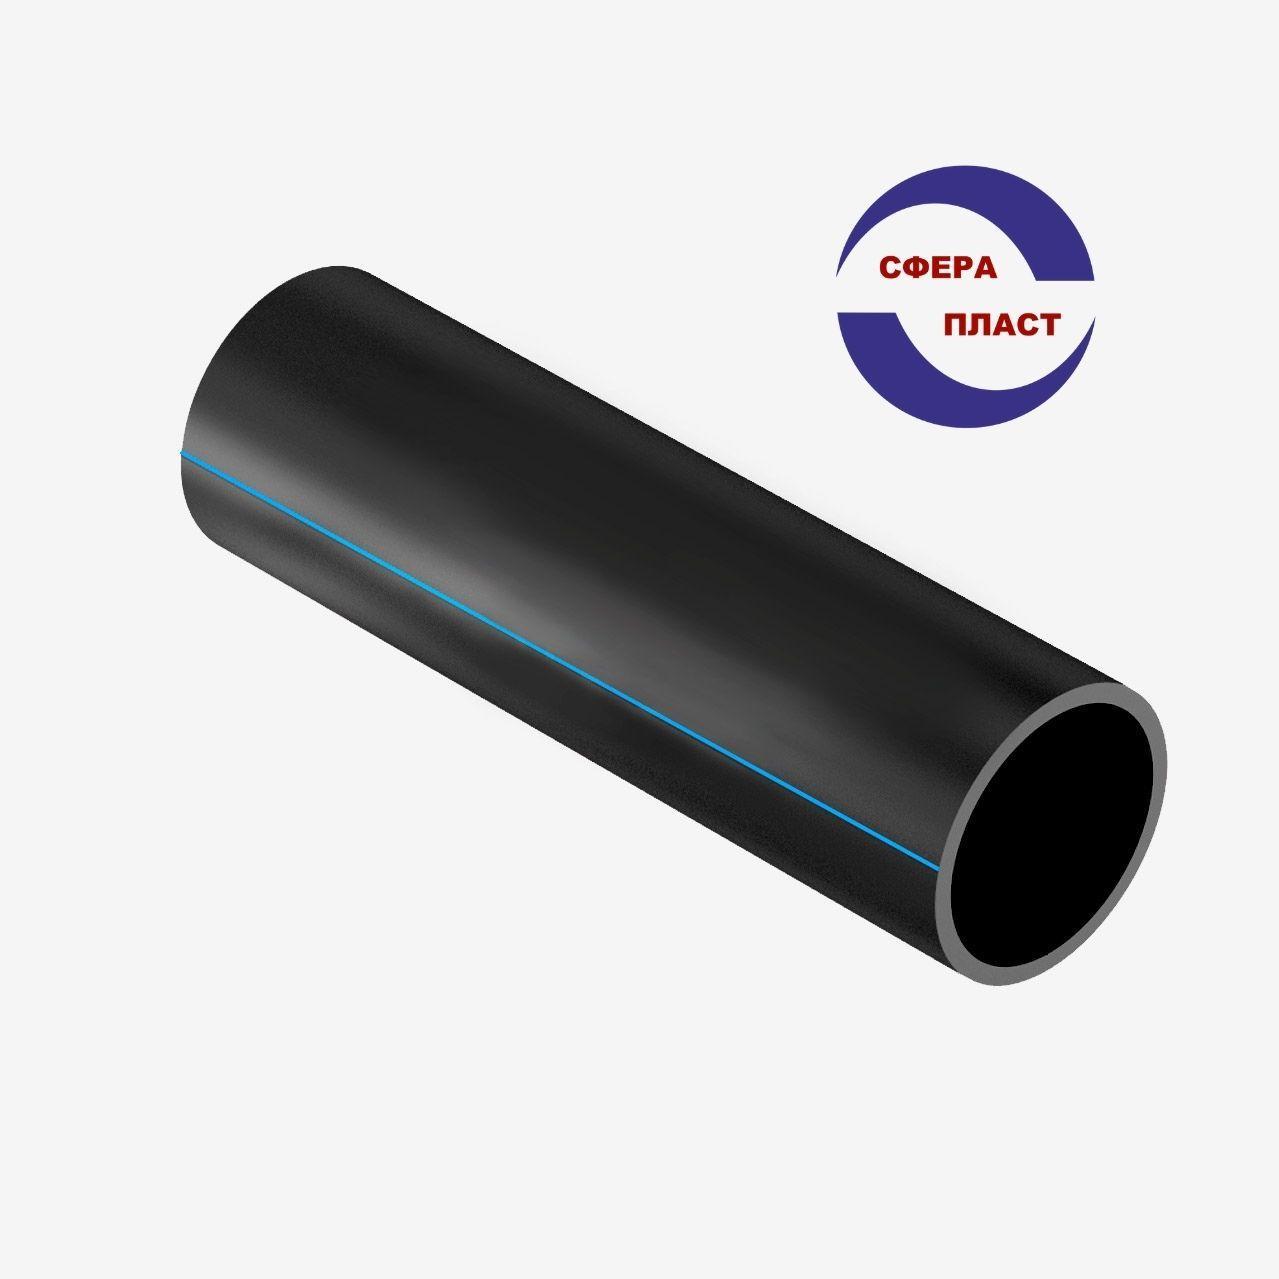 Труба Ду-110x6,6 SDR17 (10 атм) полиэтиленовая ПЭ-100